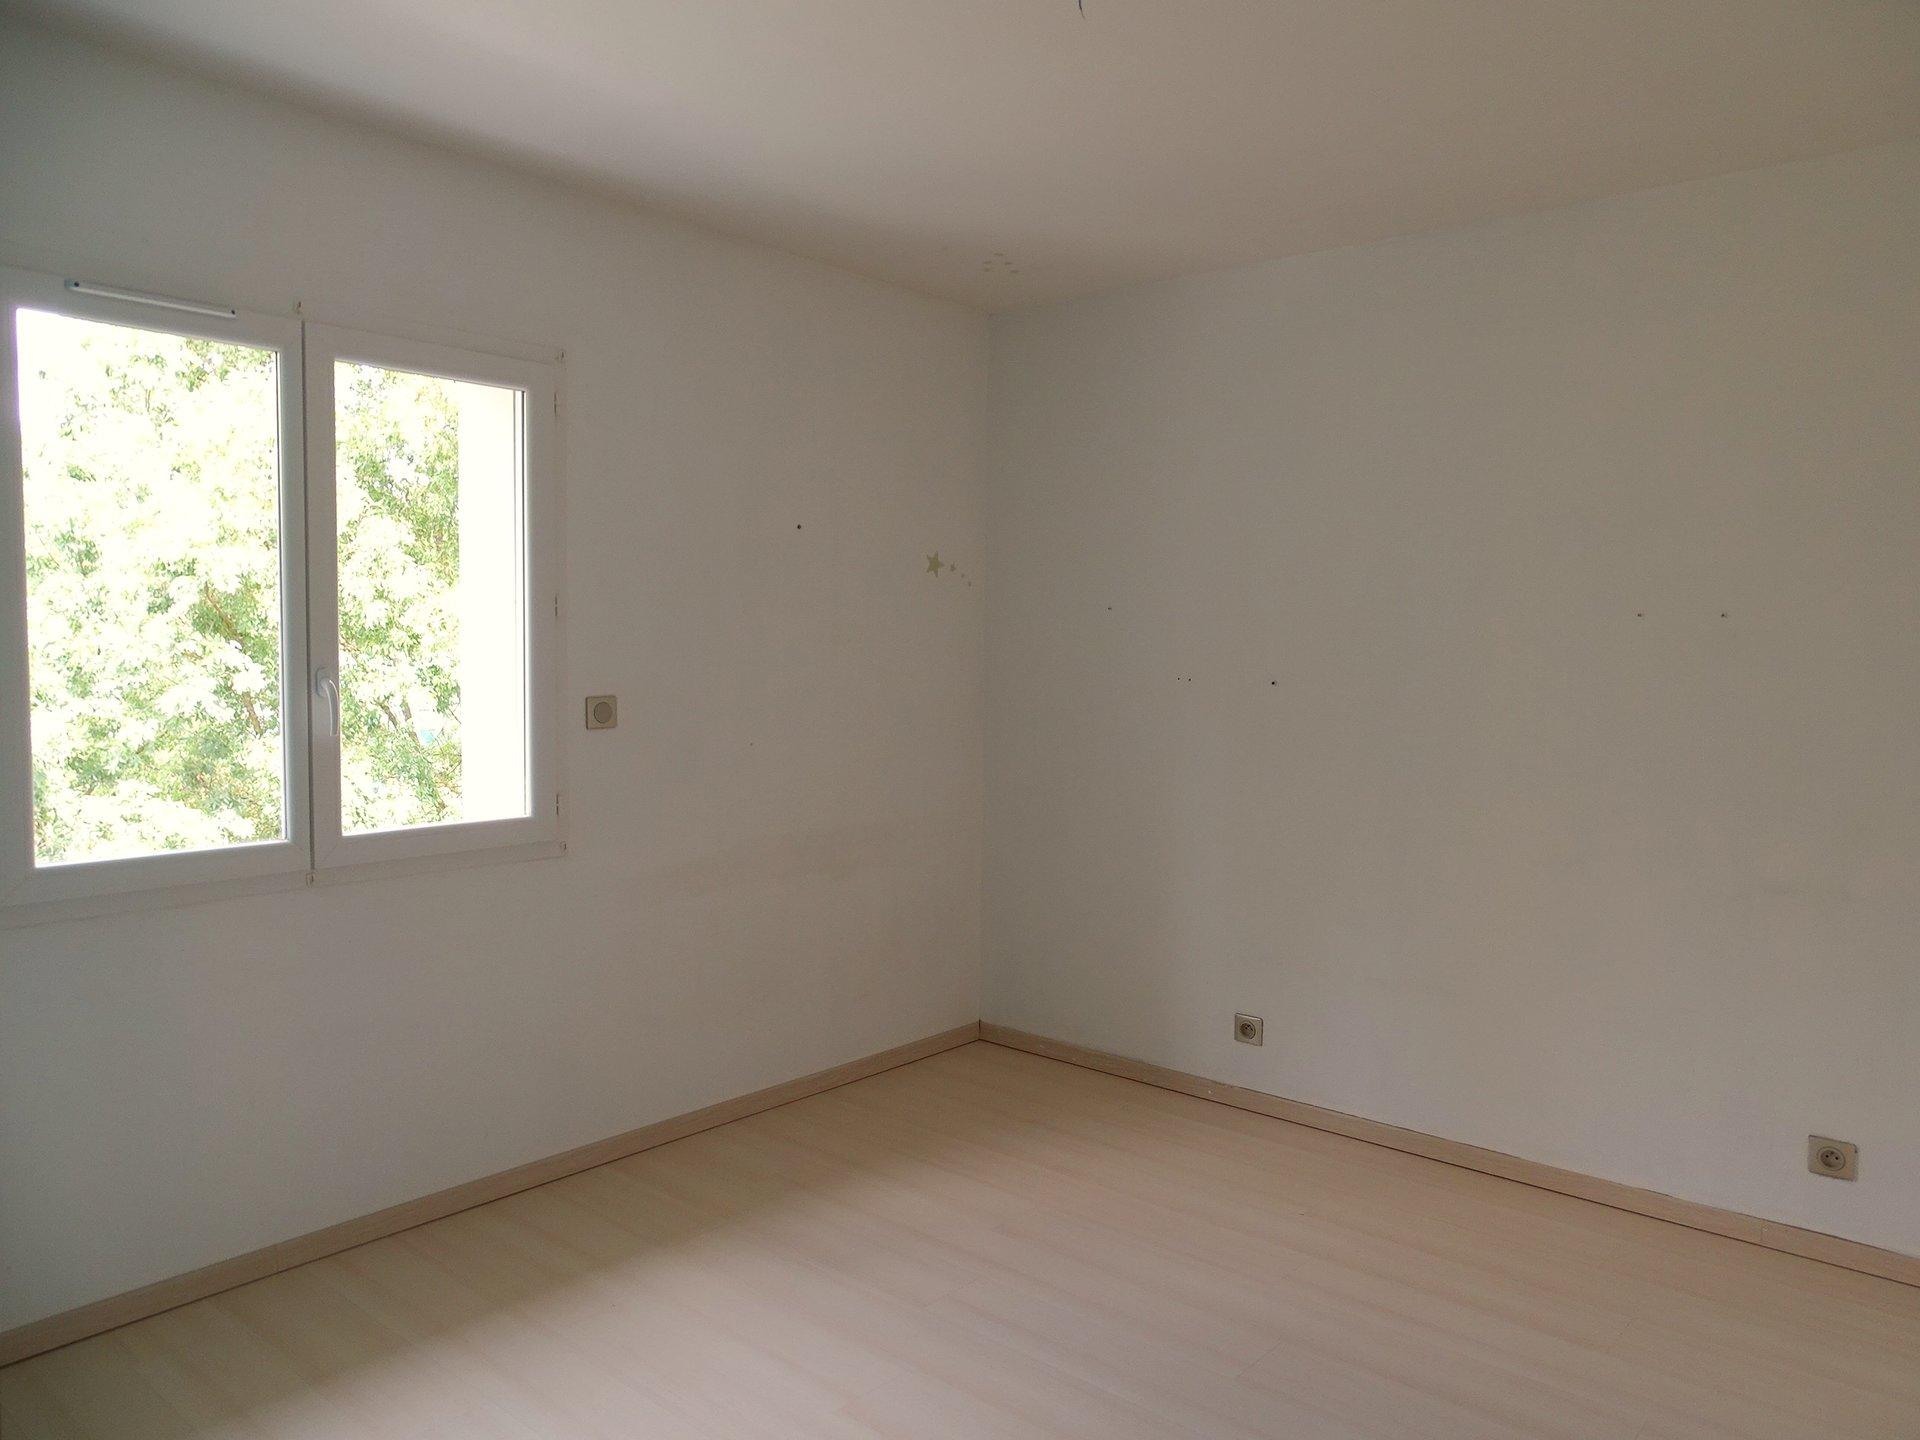 SOUS COMPROMIS. Replonges - 5 mn de Mâcon, superbe villa de 2009 disposant de belles prestations !  En rez de chaussée, elle se compose d'une grande entrée desservant un beau salon avec poêle à bois, une grande cuisine entièrement équipée, une chambre et une salle de douche. A l'étage, elle dispose de trois belles chambres et d'une salle de bains.  Double garage et espace buanderie attenants à la maison.  Exposée plein sud, la maison s'ouvre sur un beau terrain clôt de 900 m².  En parfait état, elle profite de tous les avantages du récent: chauffage économique par pompe à chaleur, poêle à bois, adoucisseur, portail et porte de garage motorisés ?  Maison coup de coeur !  Honoraires à charge vendeurs.